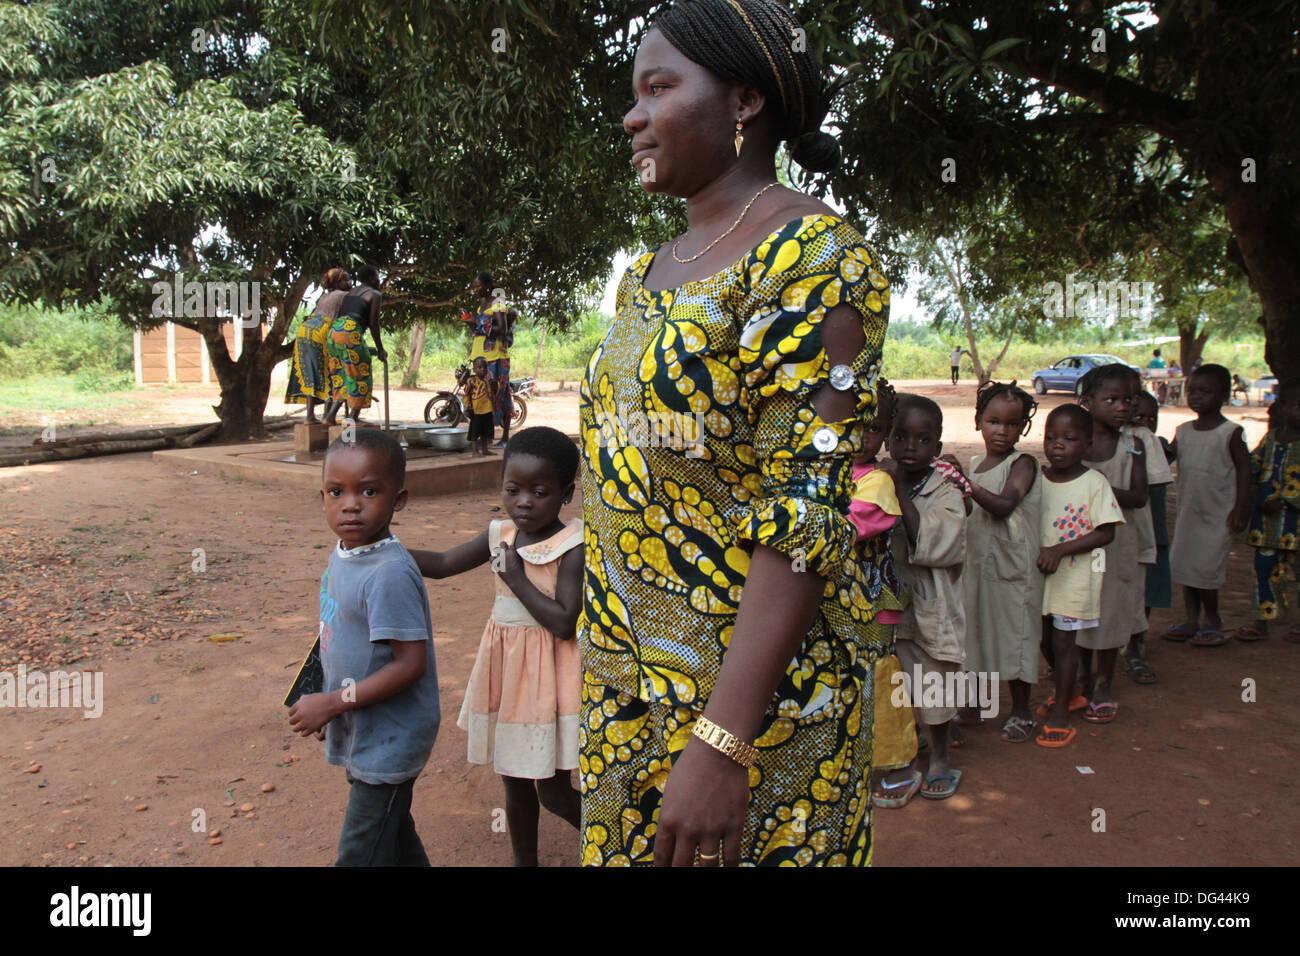 Insegnante che accompagna gli studenti a scuola, Hevie, Benin, Africa occidentale, Africa Immagini Stock